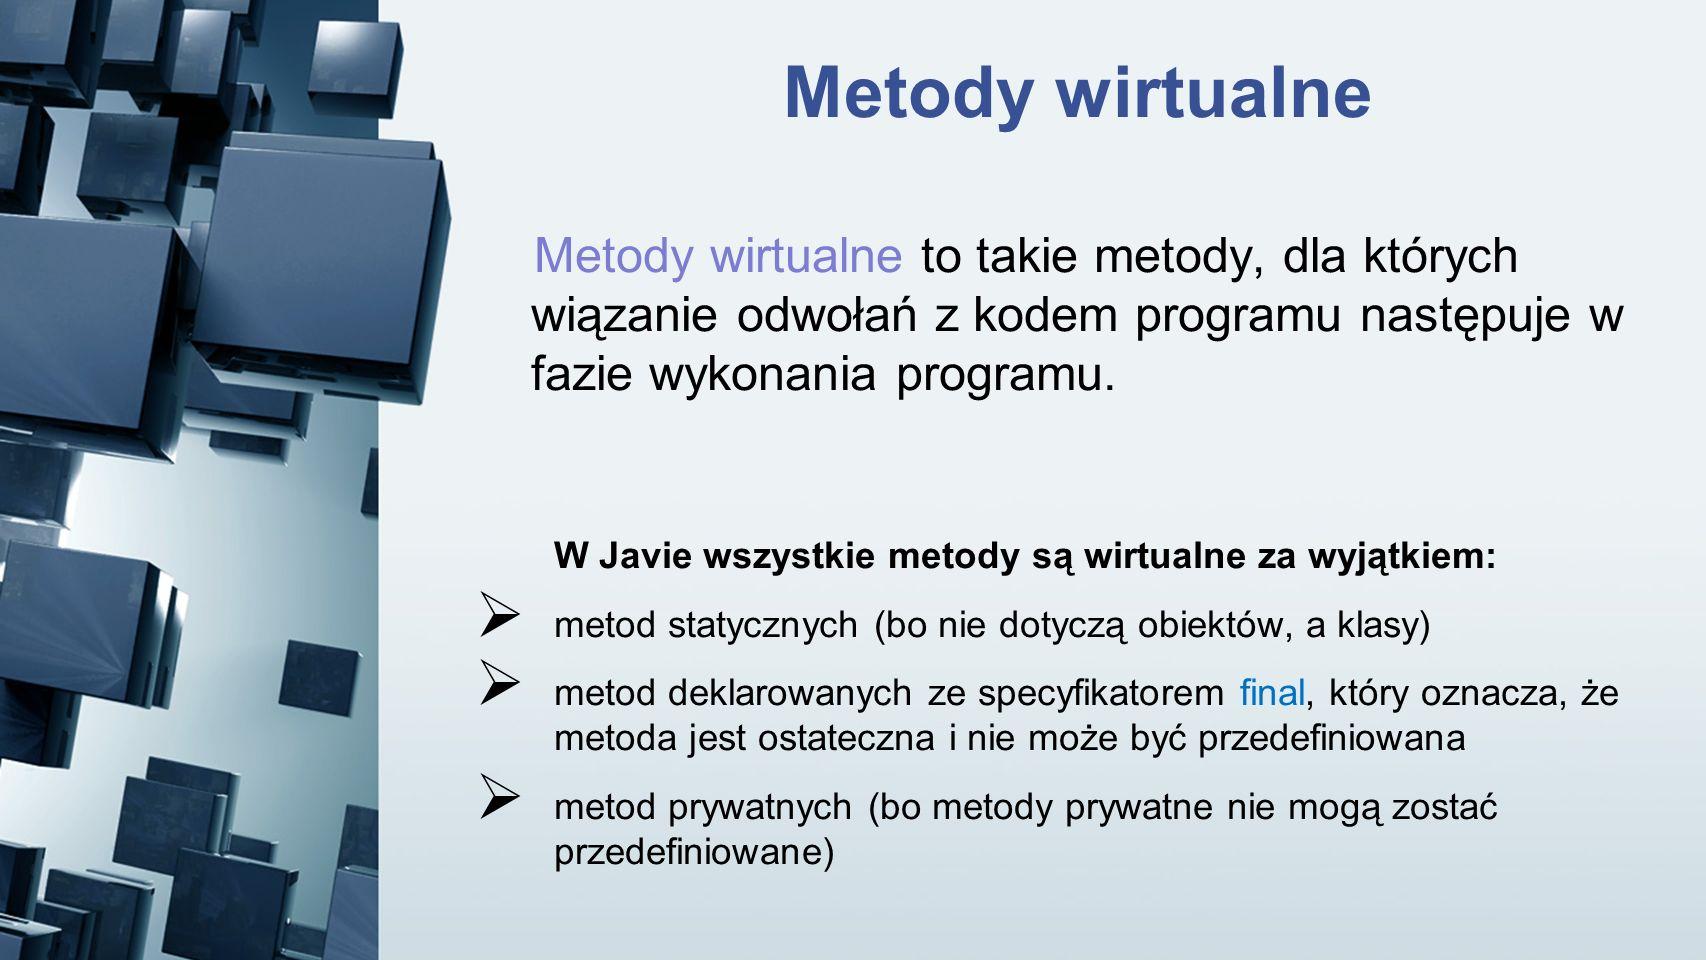 Metody wirtualne Metody wirtualne to takie metody, dla których wiązanie odwołań z kodem programu następuje w fazie wykonania programu.